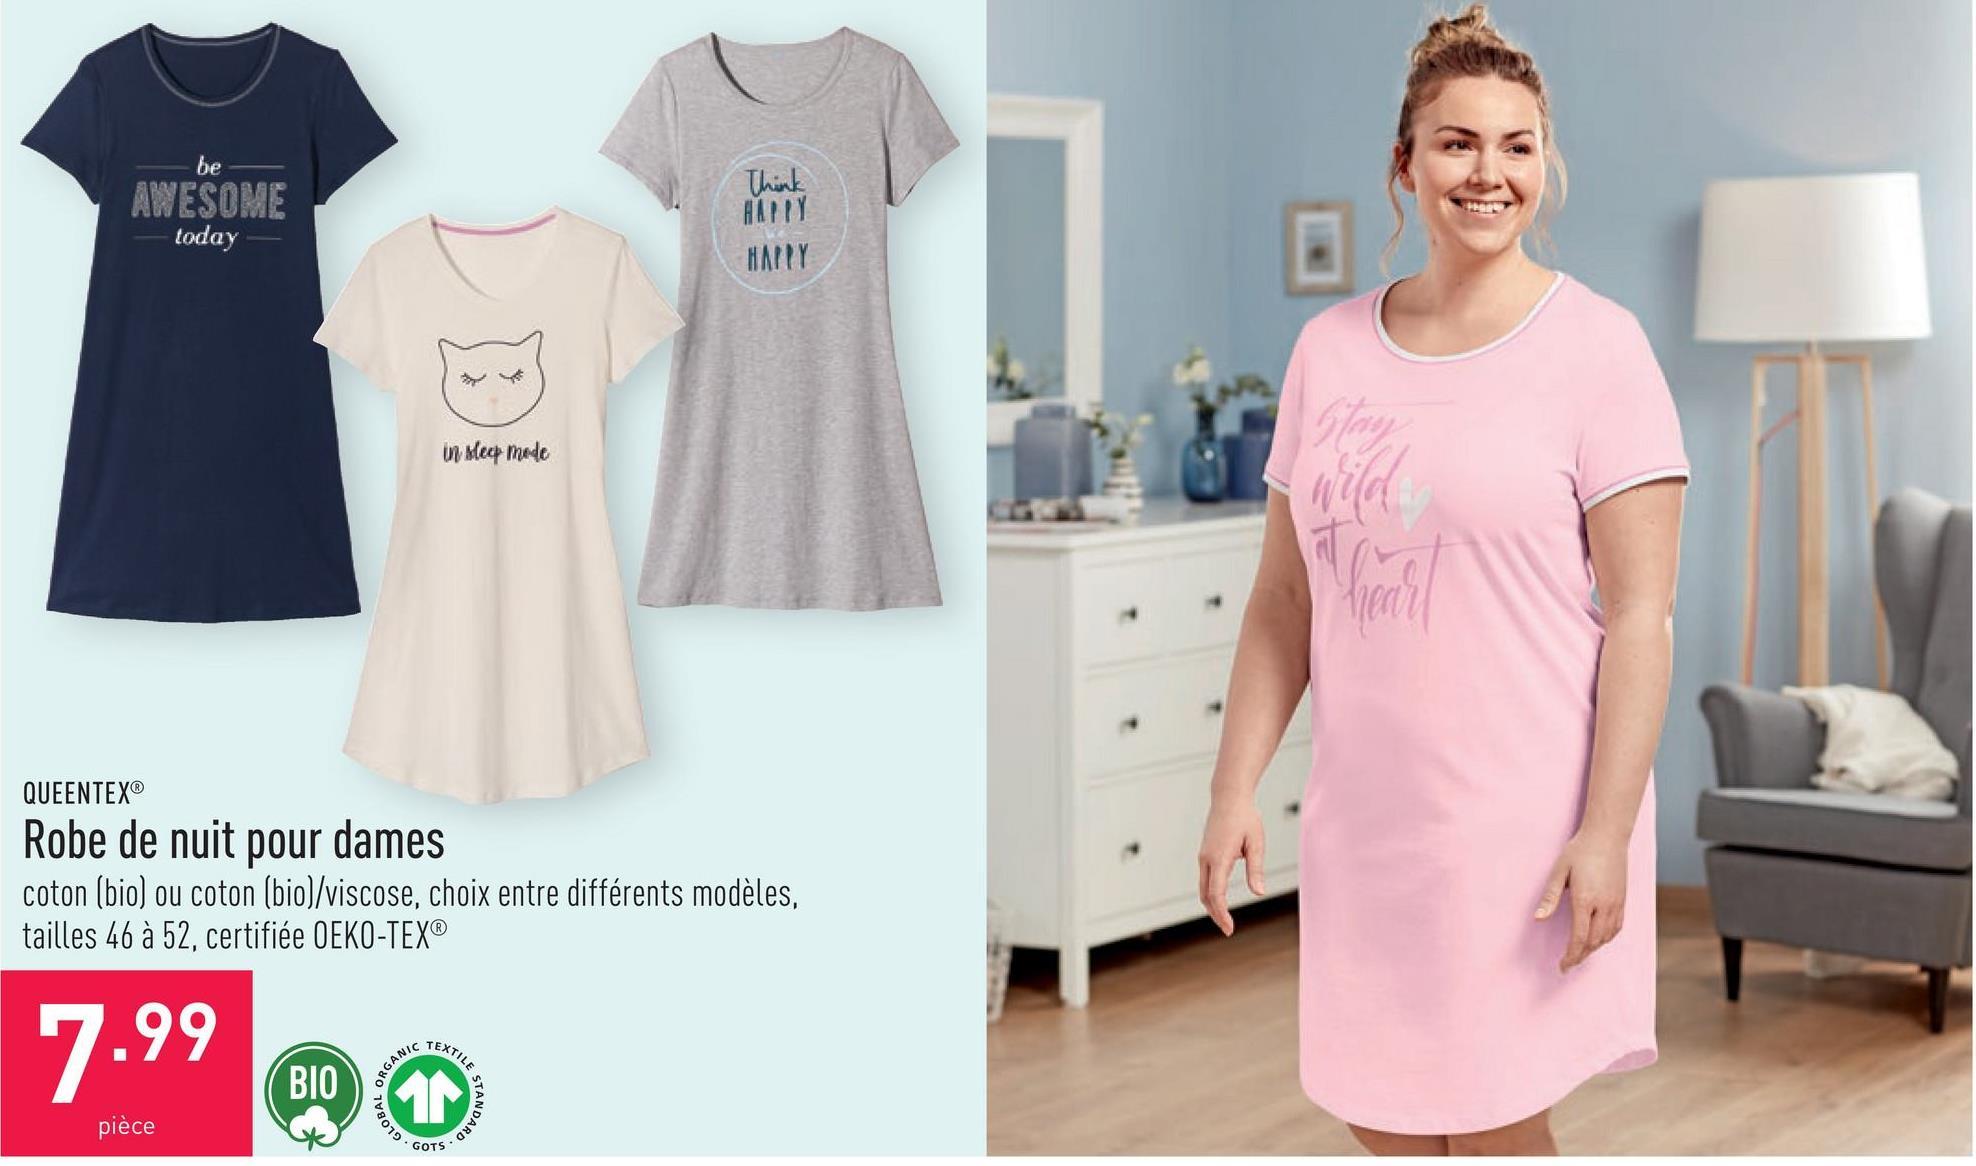 Robe de nuit pour dames coton (bio) ou coton (bio)/viscose, choix entre différents modèles, tailles 46 à 52, certifiée OEKO-TEX®